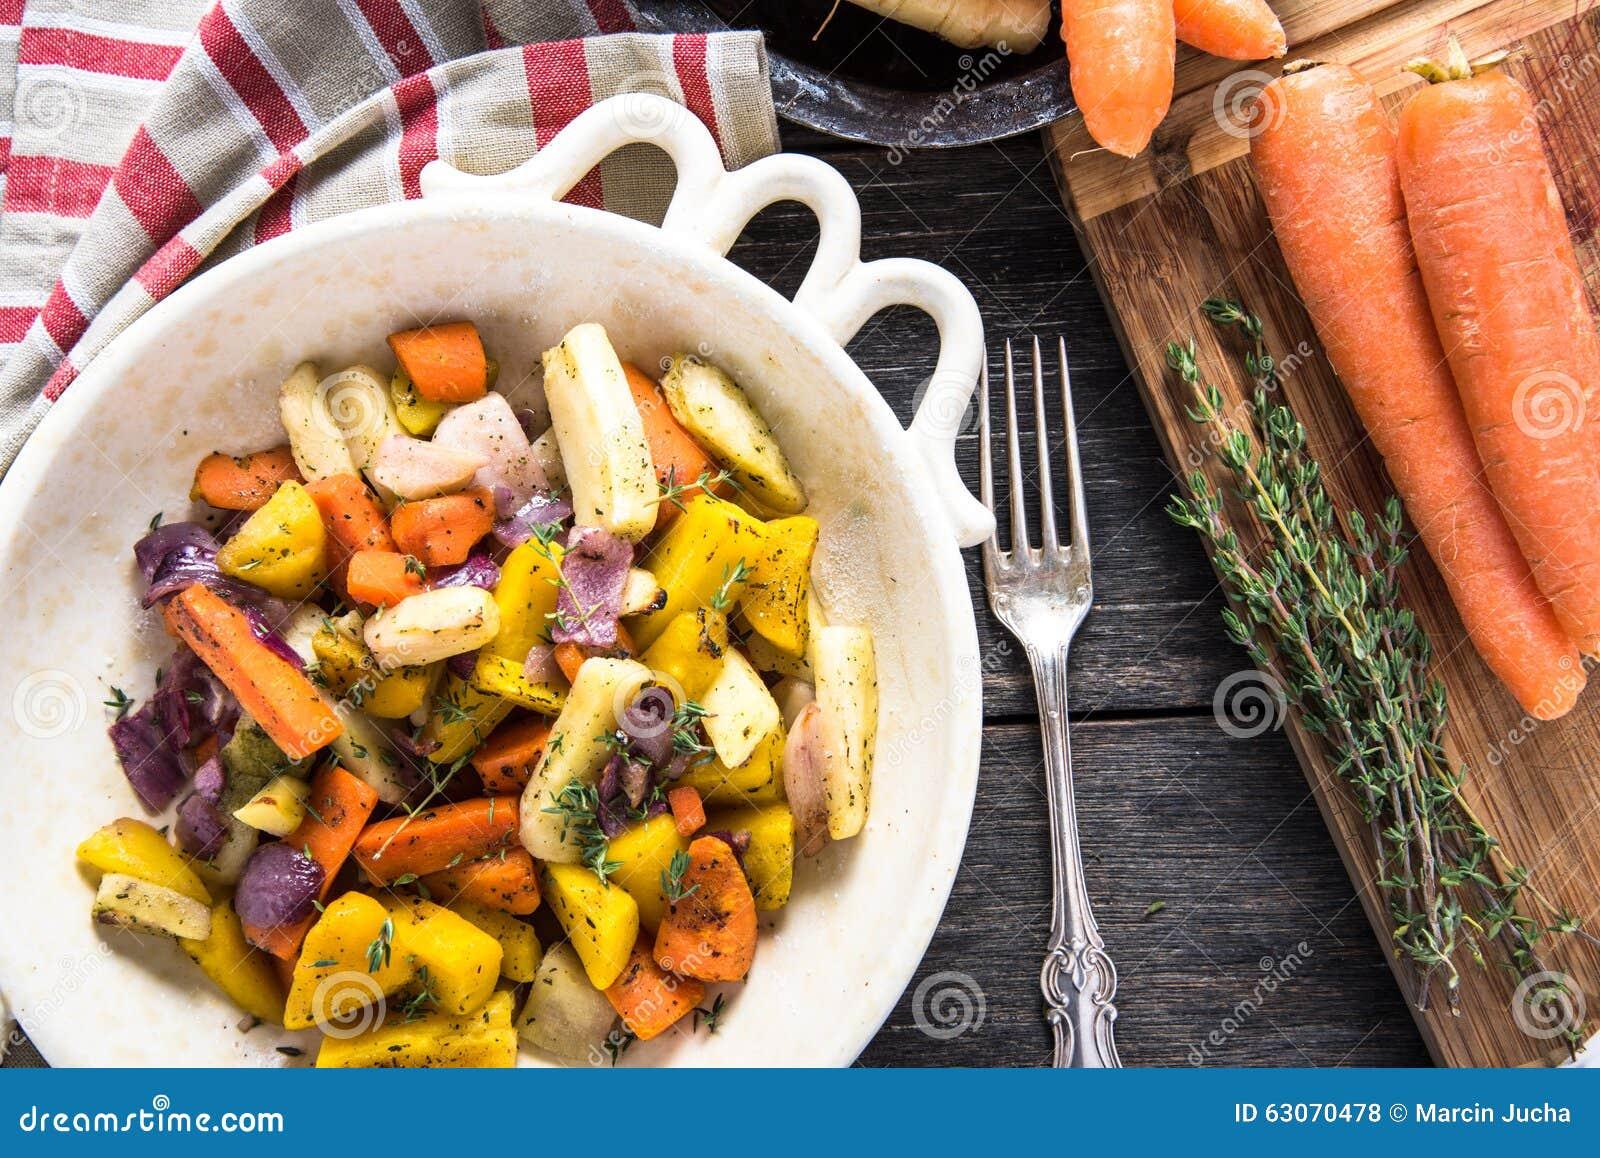 Simple food,roasted vegetables